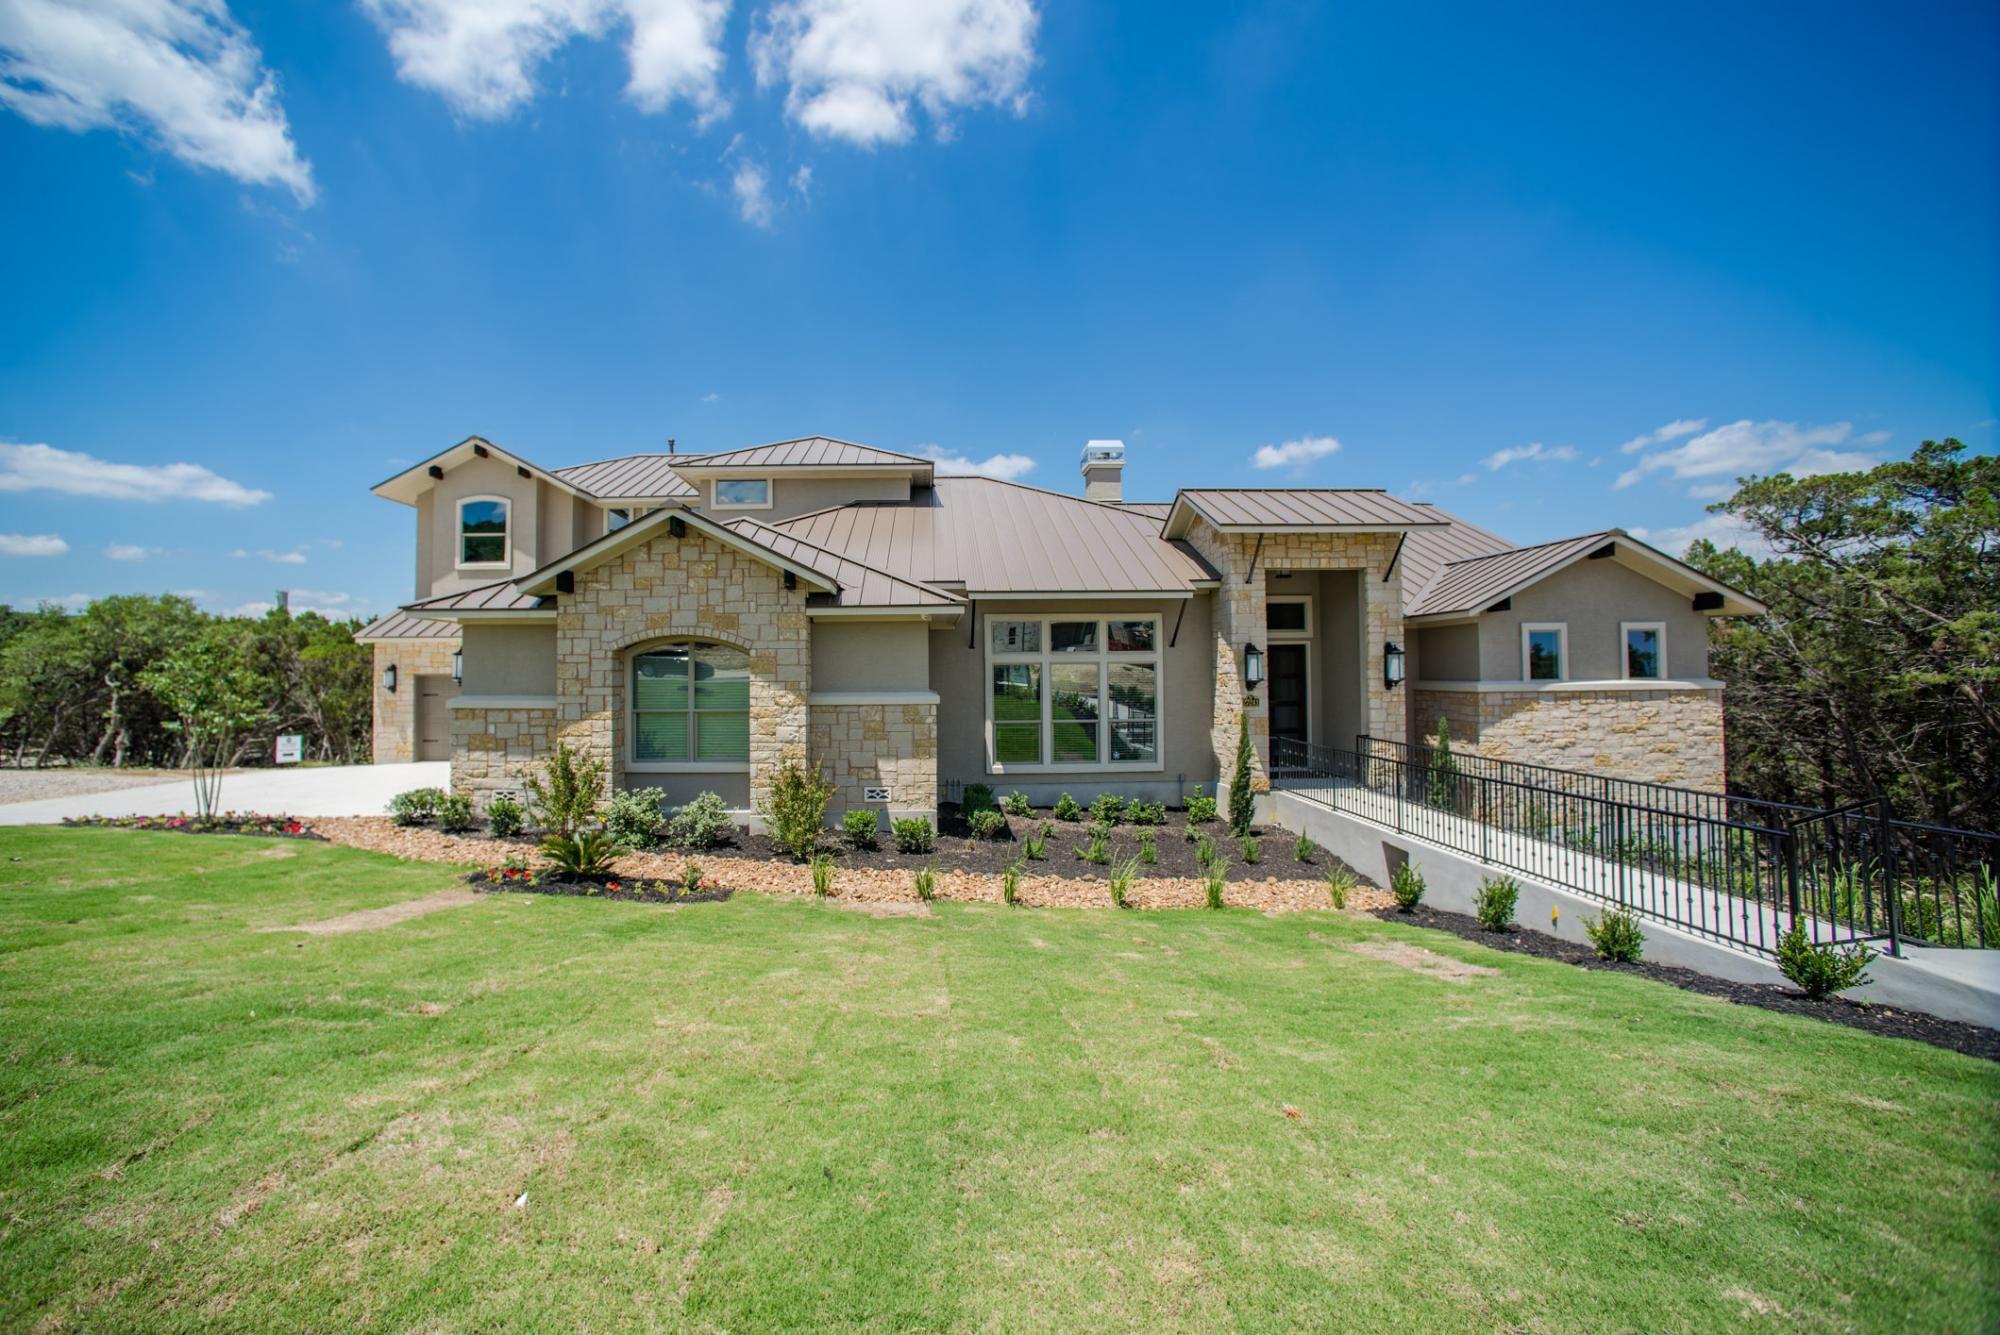 Highland Estates By Whitestone Custom Homes 27241 Highland Crest